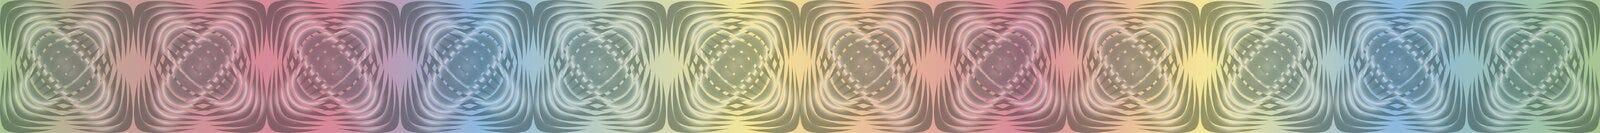 Geometrische patronen met gradiëntvulling 5 Stock Foto